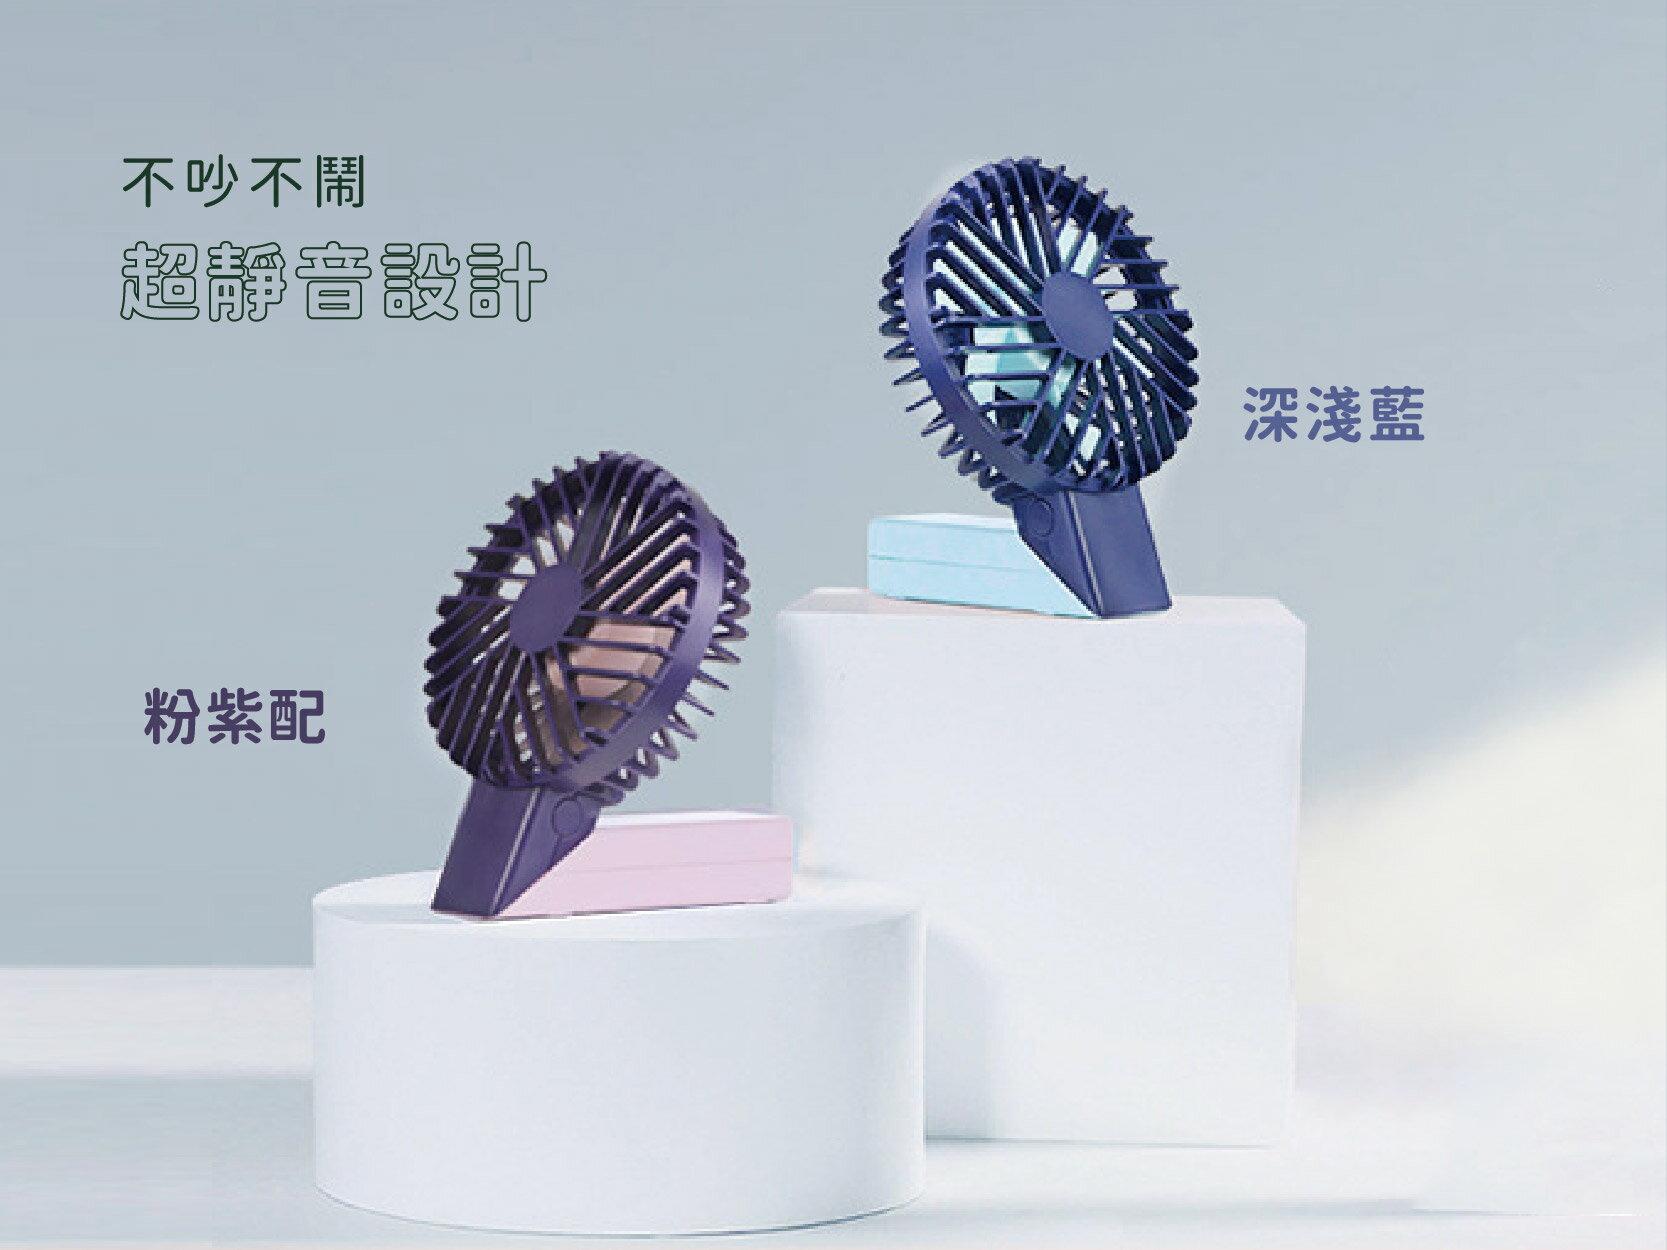 【USB摺疊旋轉手持風扇】風扇 手持扇 小電扇 USB供電 攜帶方便 站立桌立兩用 3檔風速 CX-F23【LD355】